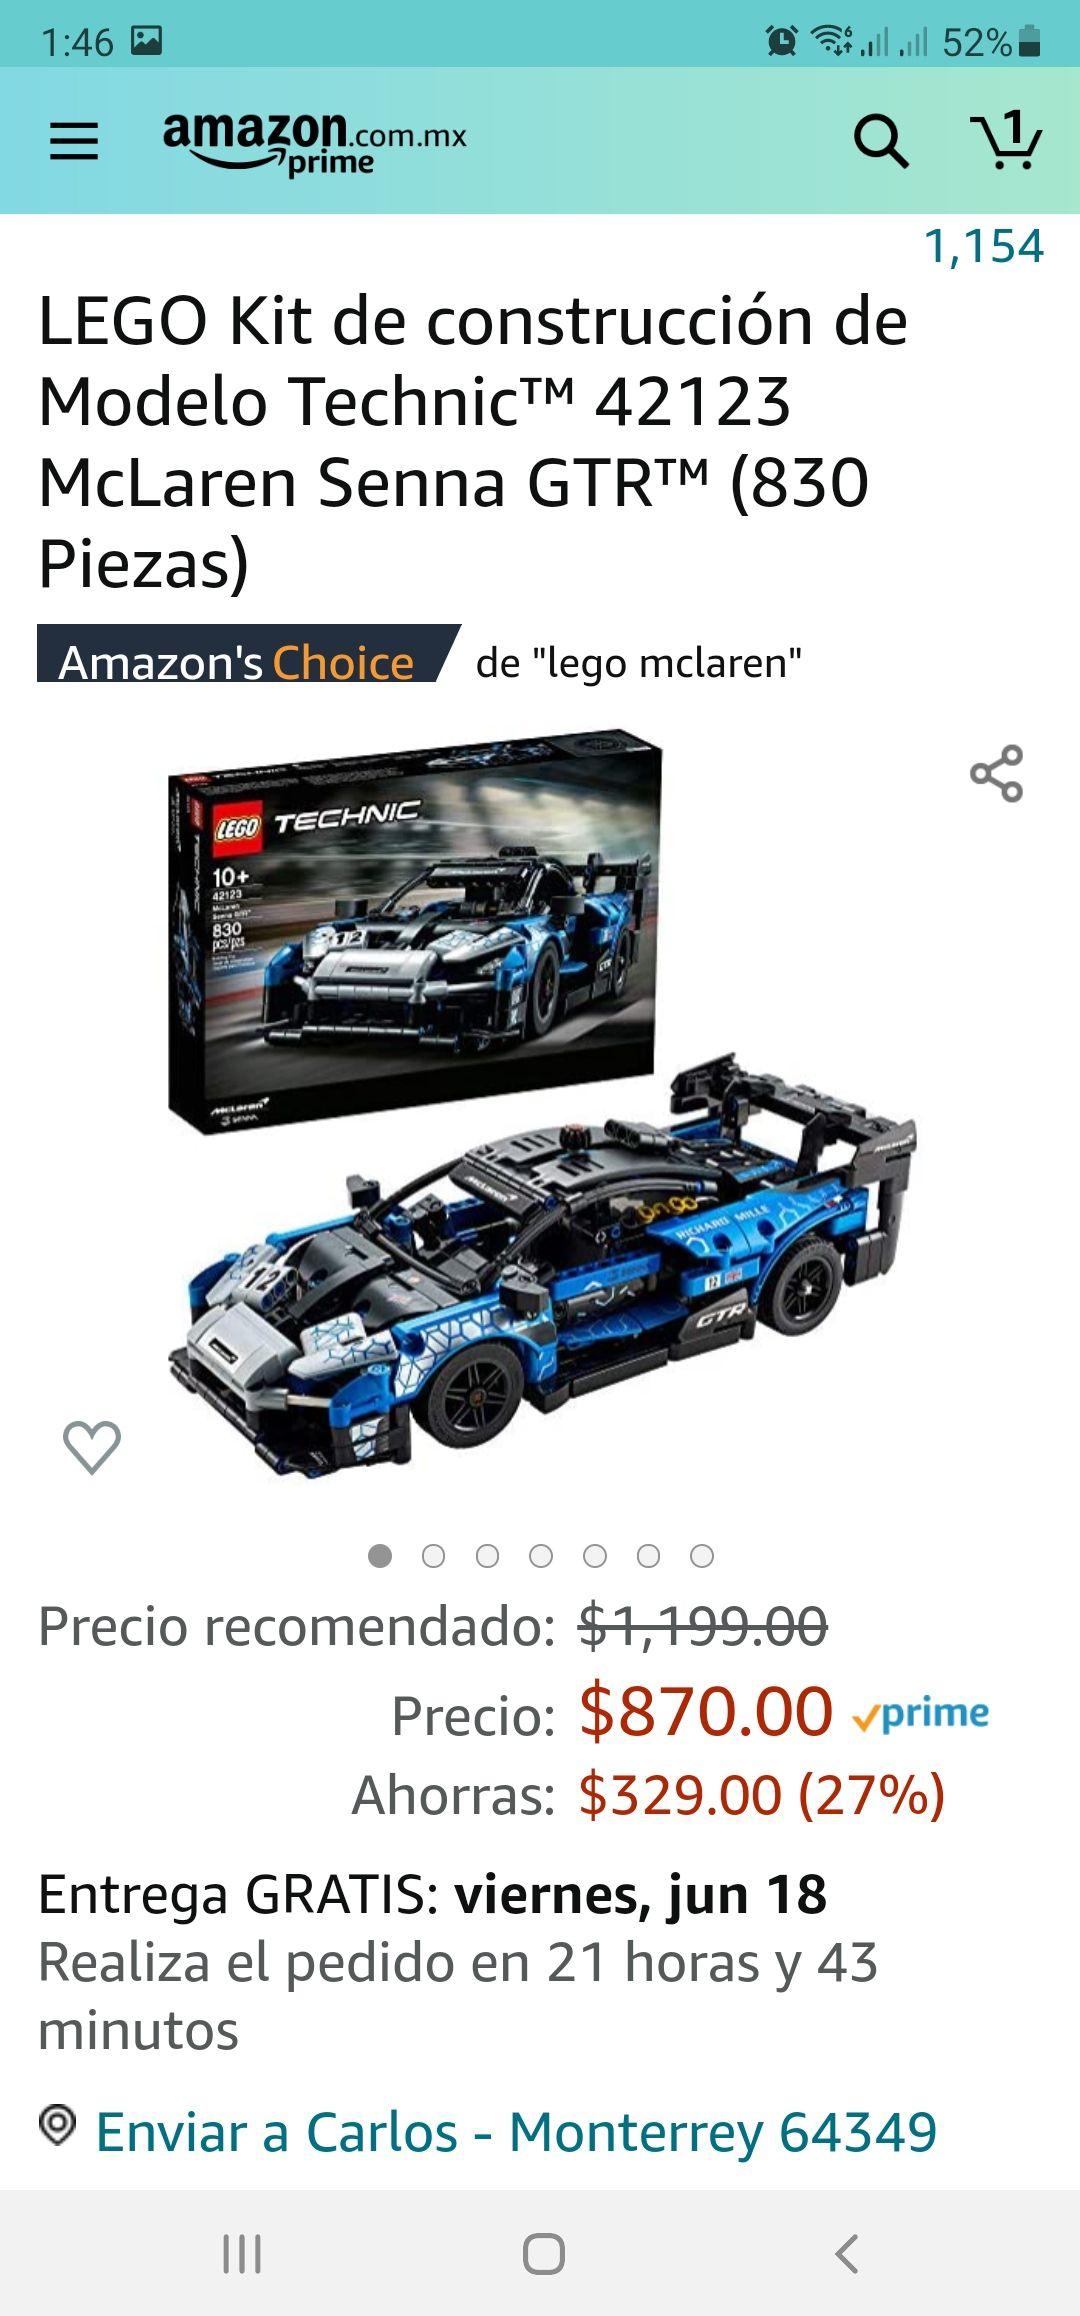 Amazon LEGO Kit de construcción de Modelo Technic™ 42123 McLaren Senna GTR™ (830 Piezas)